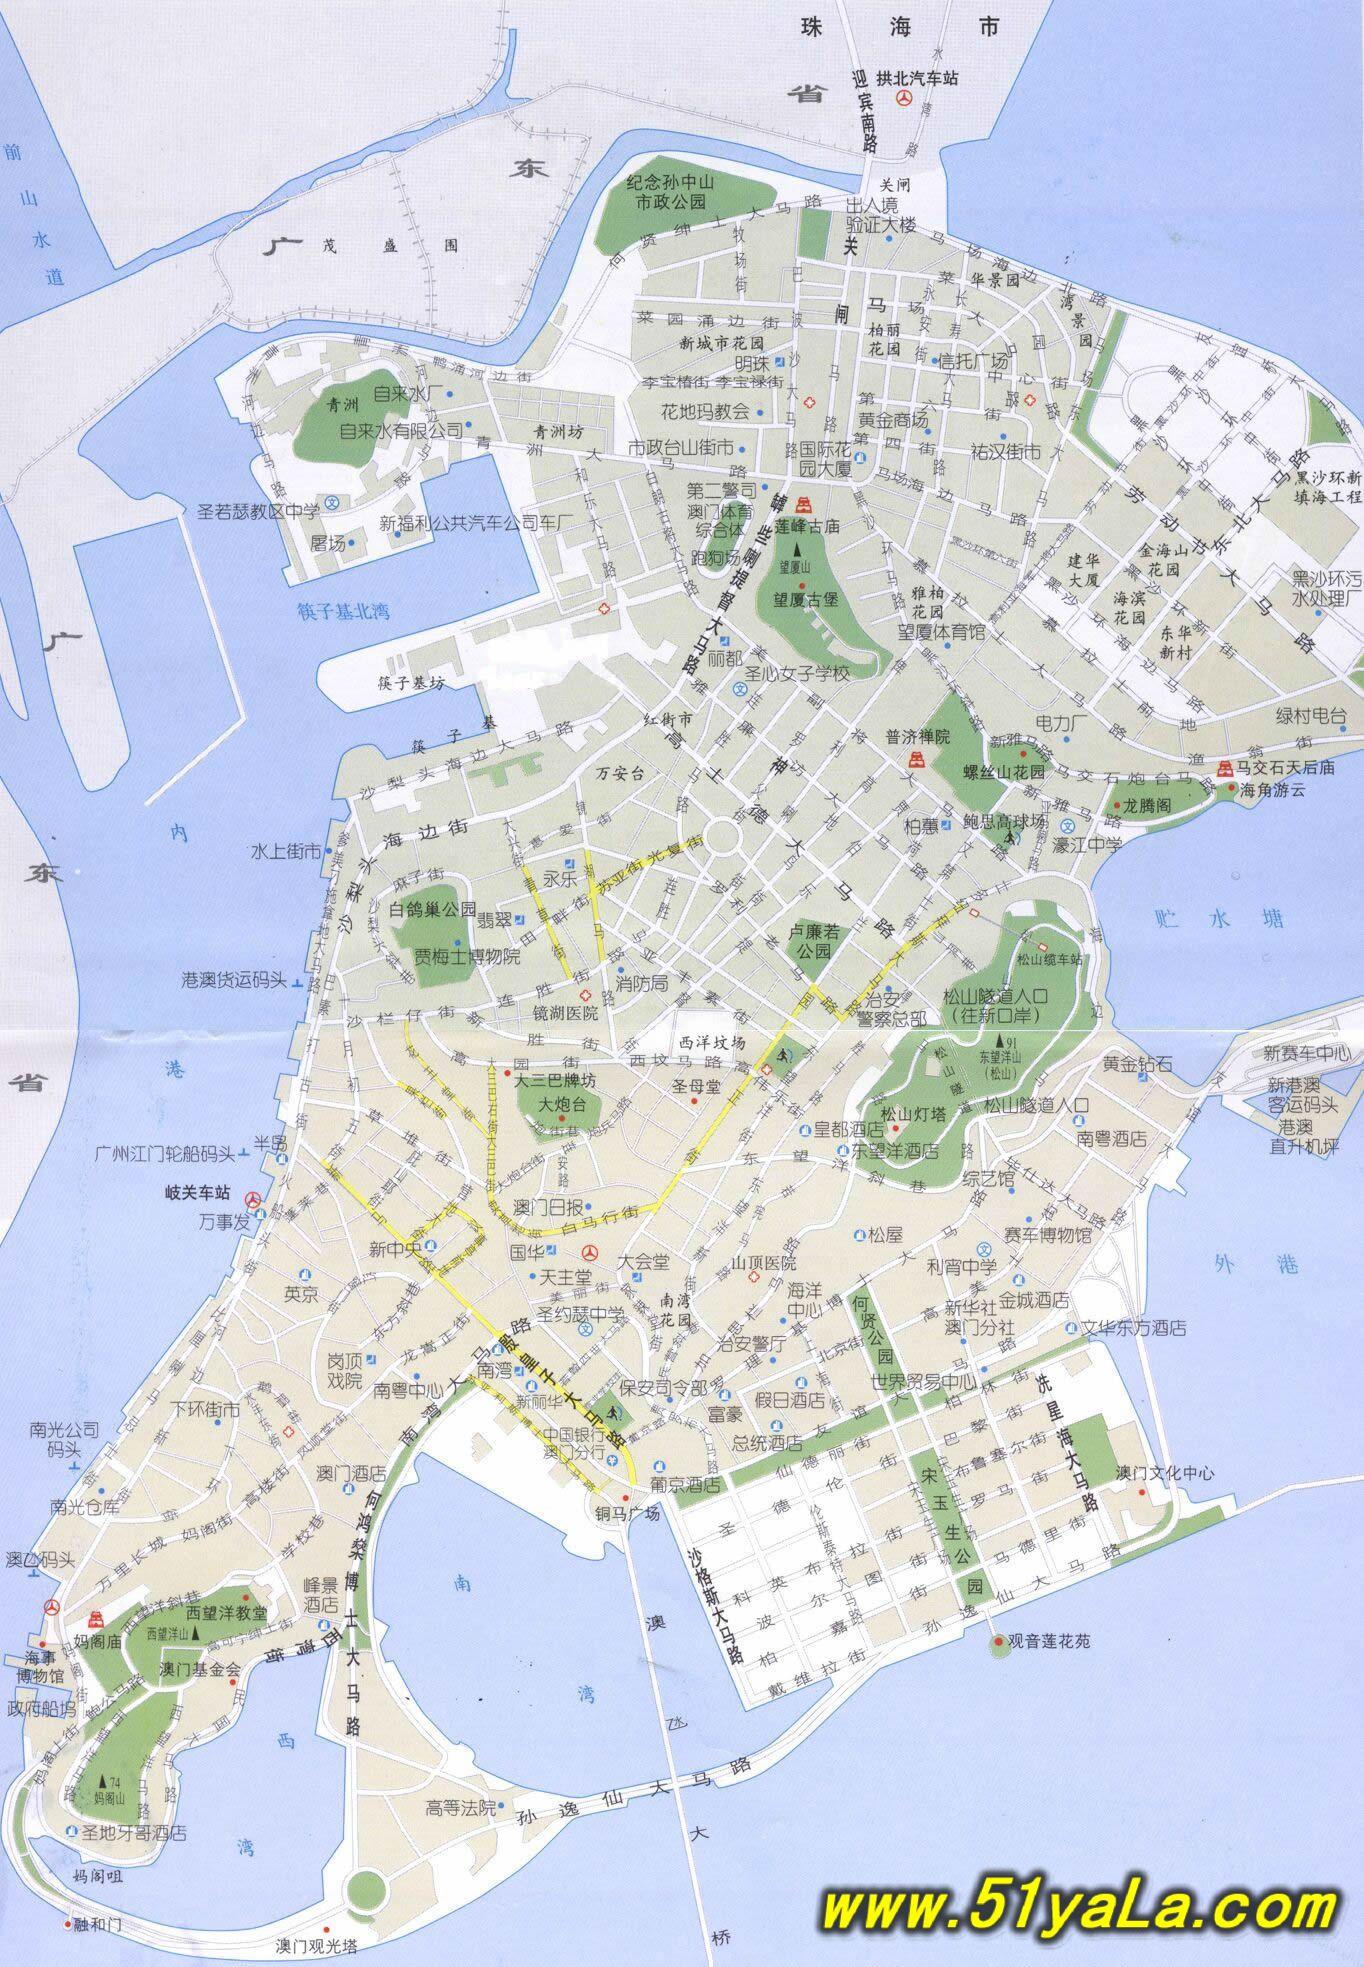 旅游地图,旅游景点地图信息等地图下载,同时包含澳门旅游景